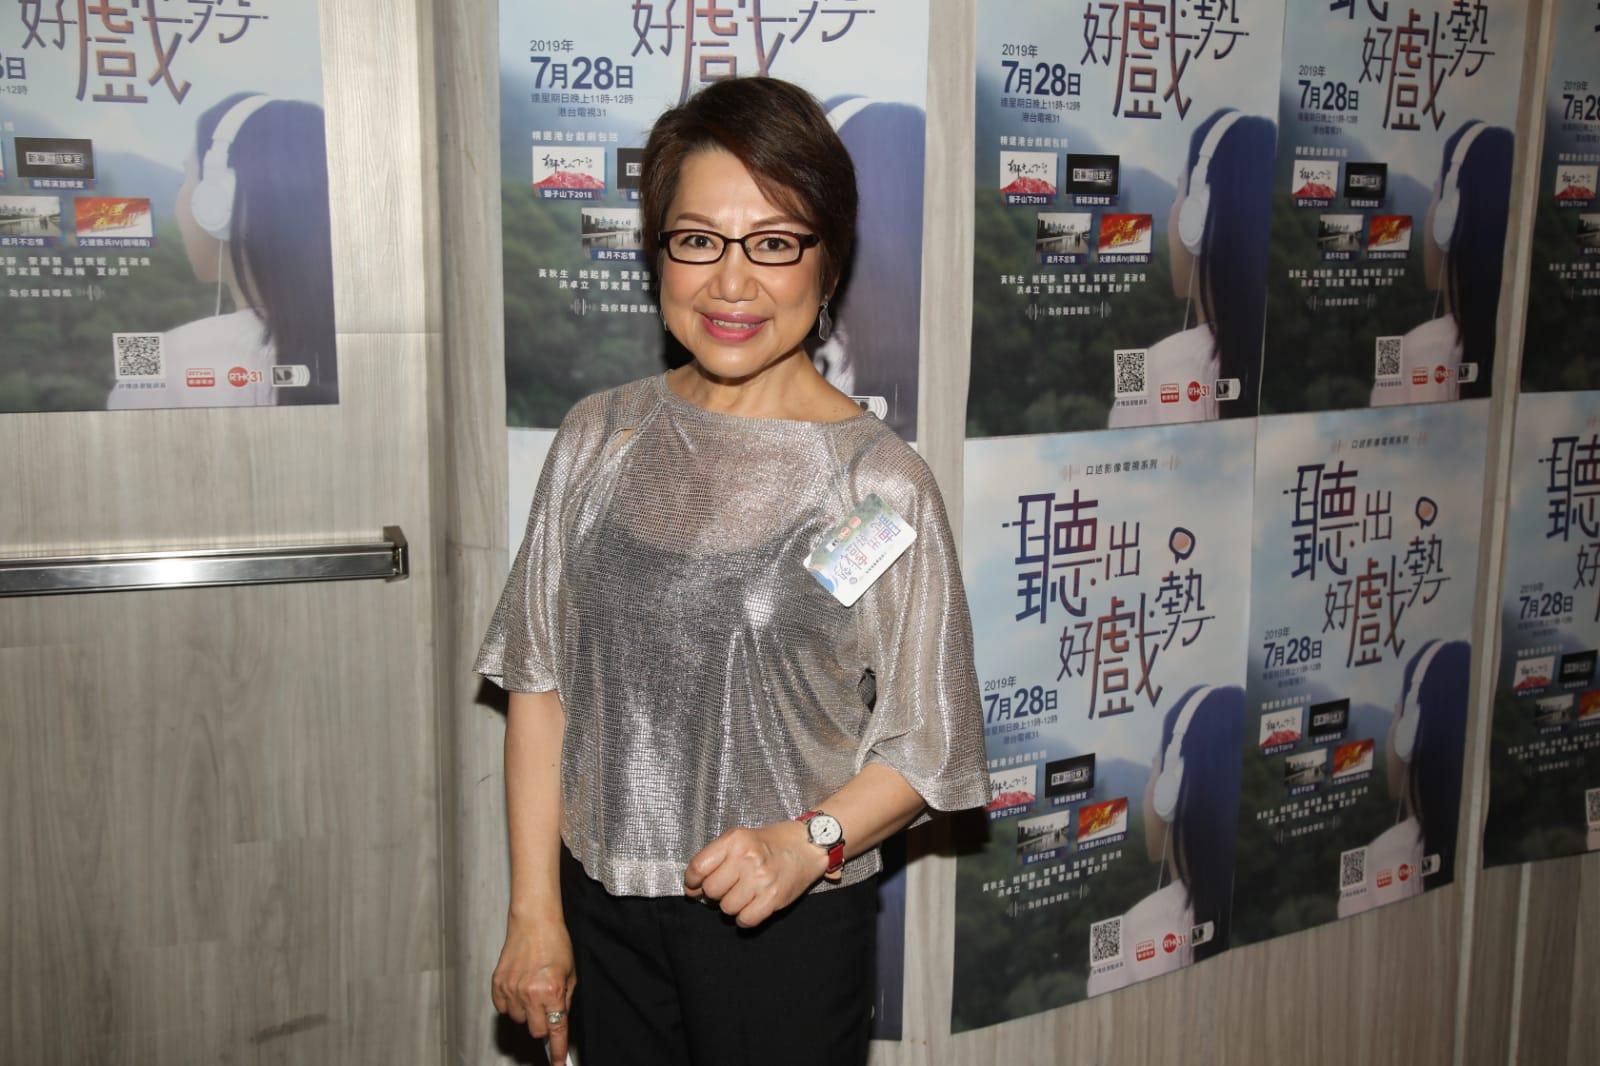 車淑梅出席港台舉辦「聽出好戲勢」活動。